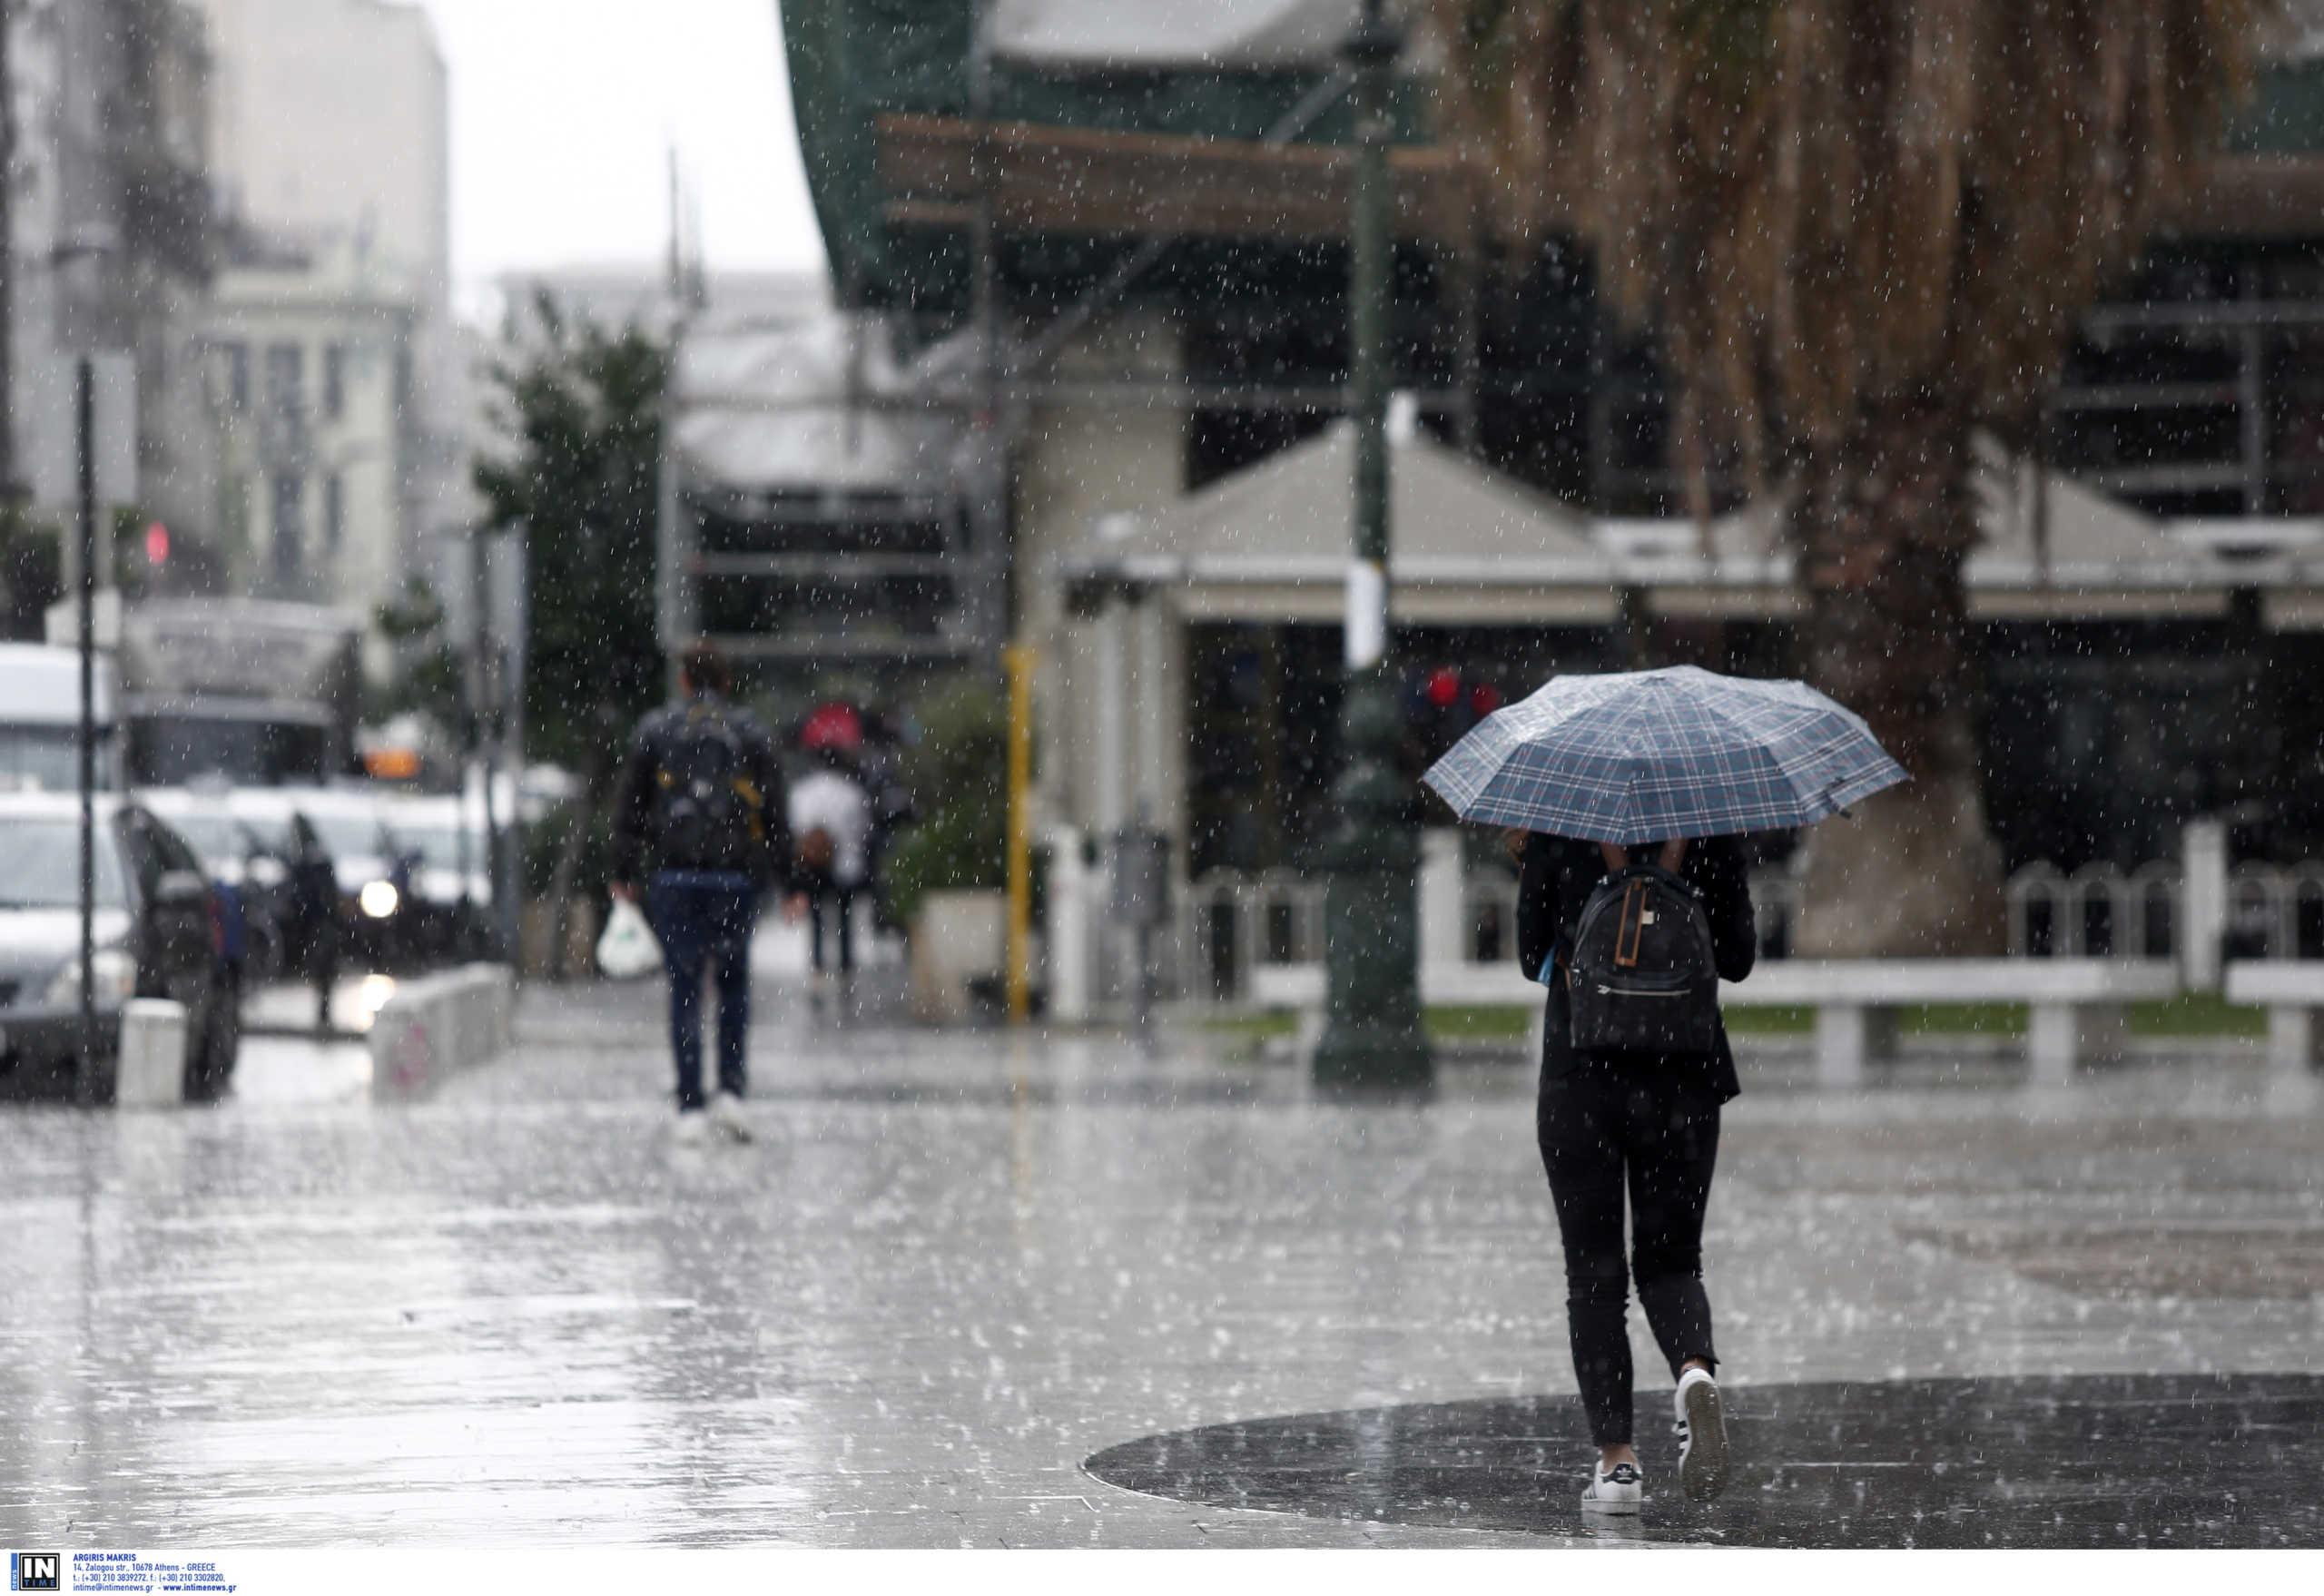 Καιρός αύριο: Βροχές και καταιγίδες σε πολλές περιοχές